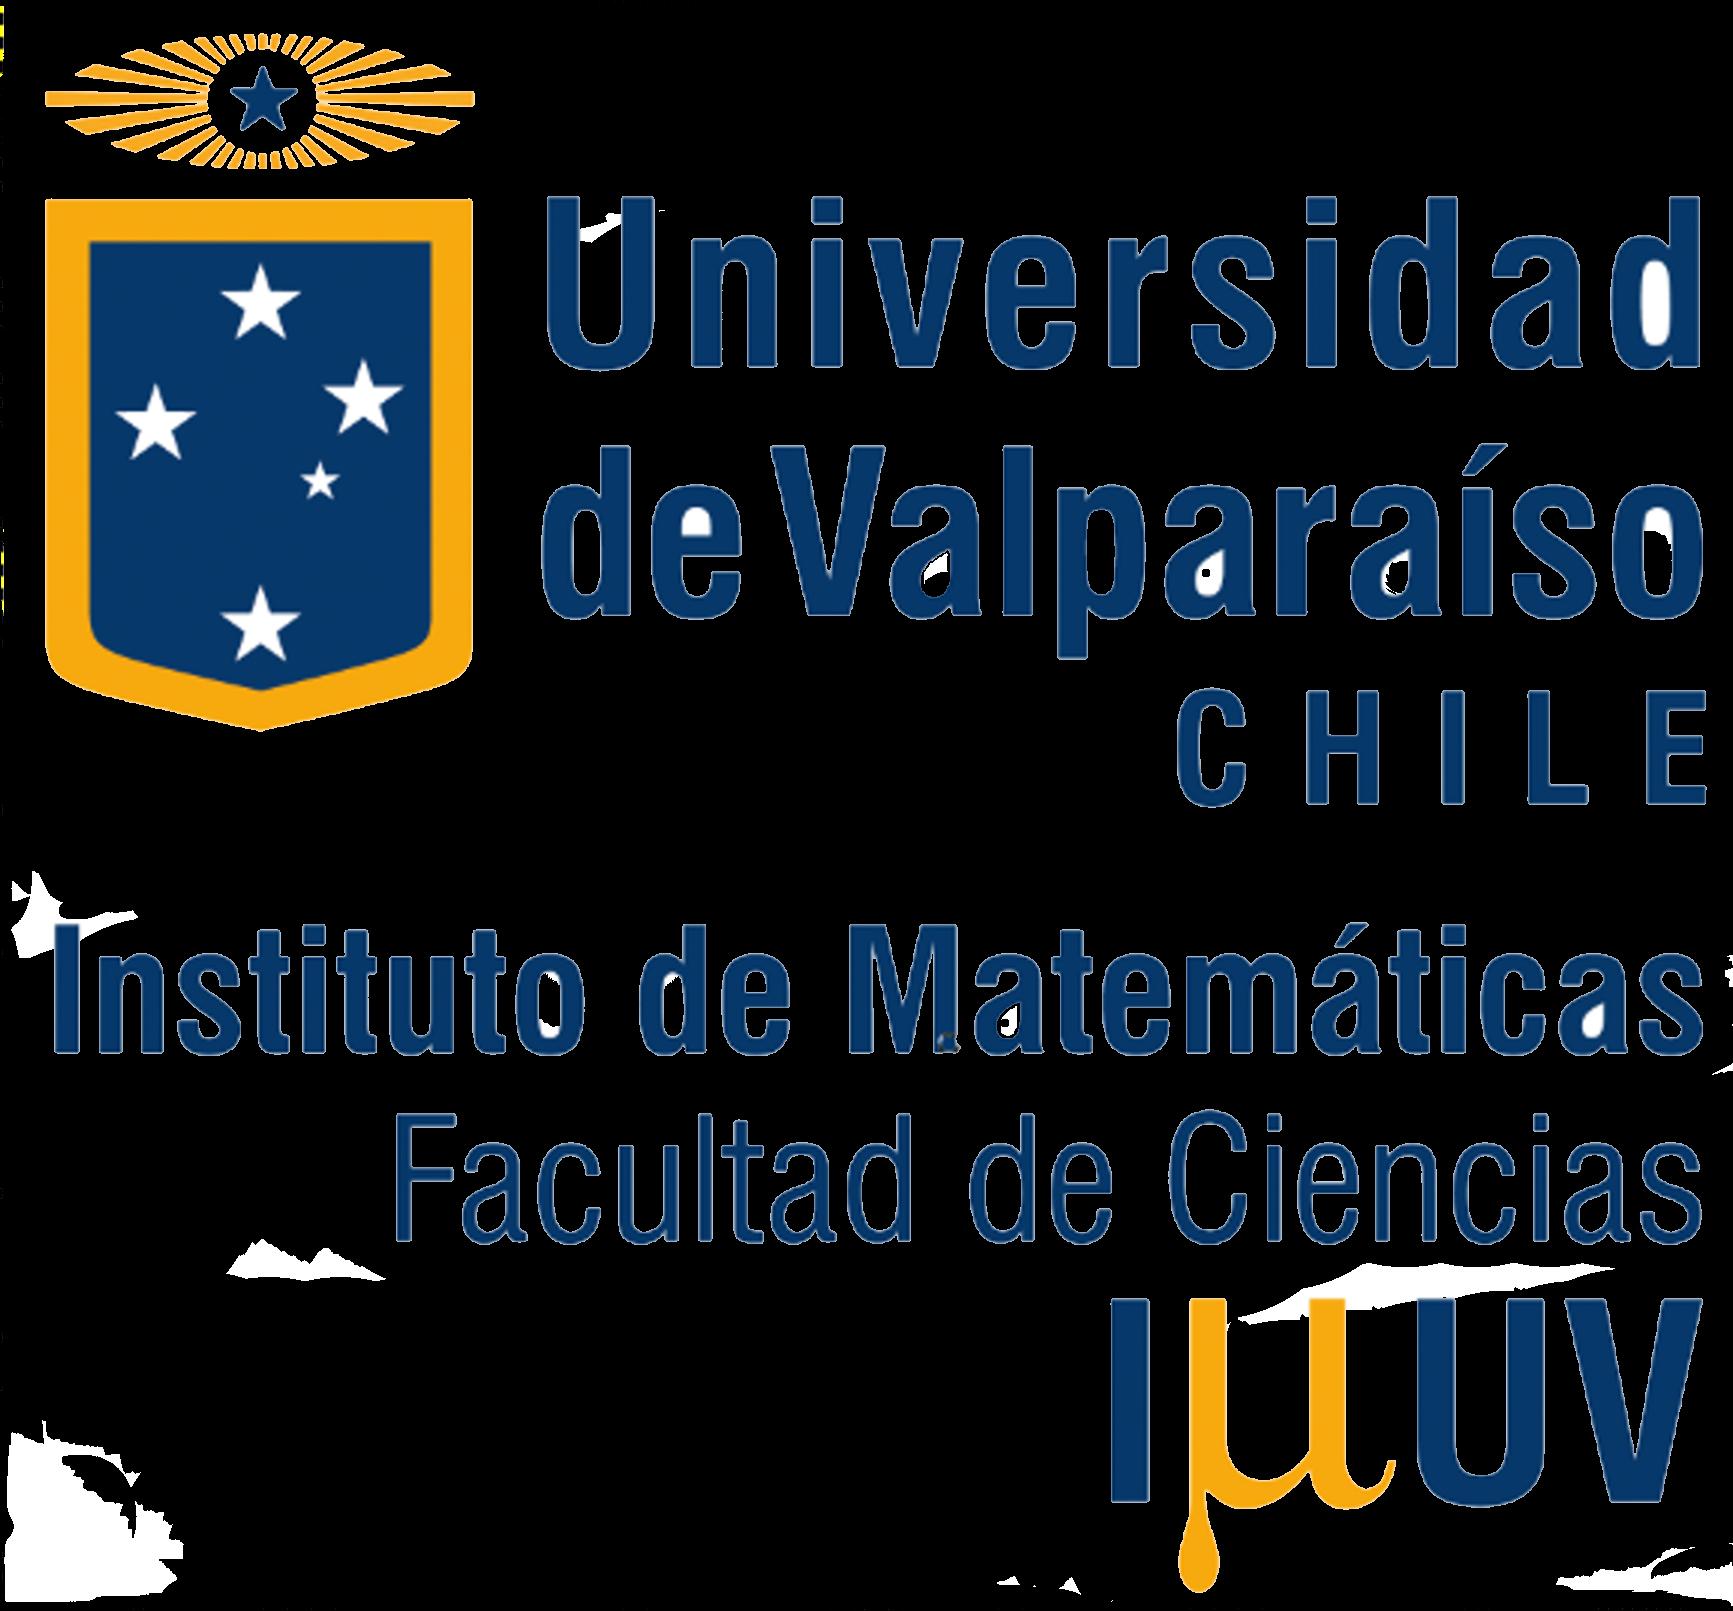 Instituto de Matemáticas Universidad de Valparaíso